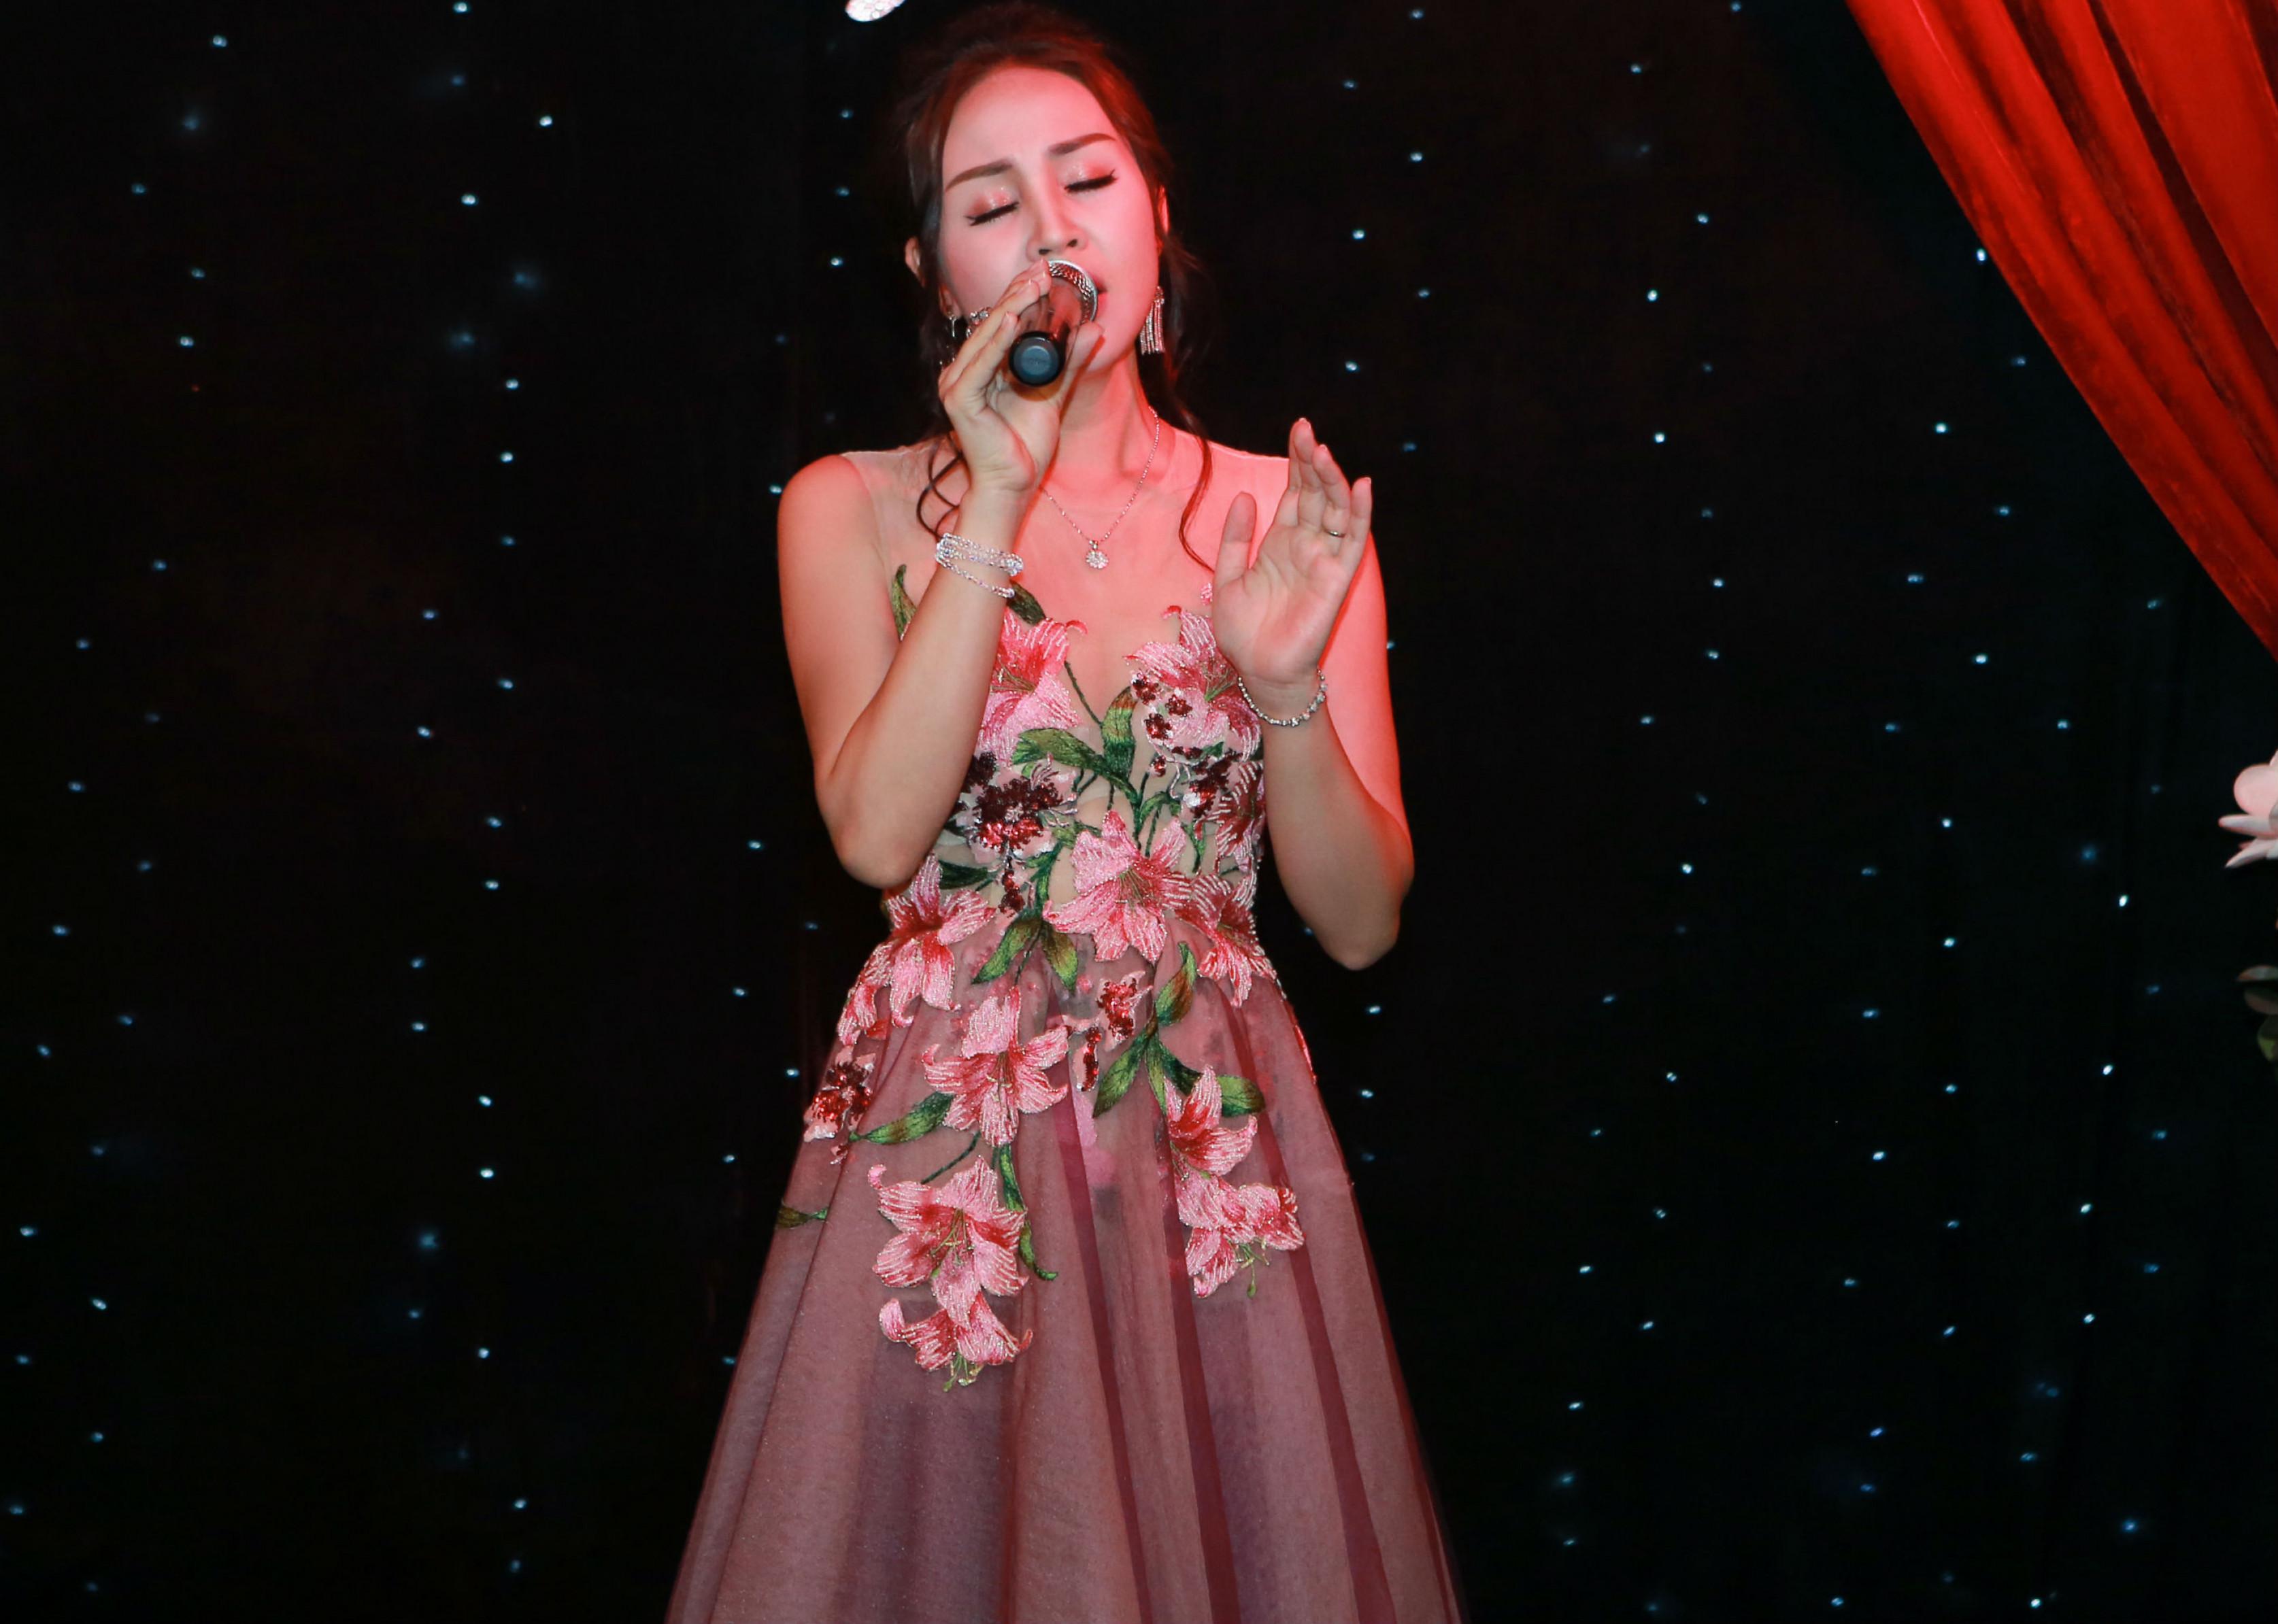 """Ở bản tình ca """"Như chưa bắt đầu"""" của nhạc sĩ Đức Trí, Khánh Ly đã hát nồng nàn, đầy cảm xúc. Cũng trong chương trình, cô còn cất lên một ca khúc nữa của nhạc sĩ Dương Trường Giang là """"Mùa lá đi qua"""". Đây là ca khúc chủ đề của album vol.2 mà nữ ca sĩ phát hành cách đây gần 3 năm và được công chúng cũng như giới chuyên môn đánh giá cao."""